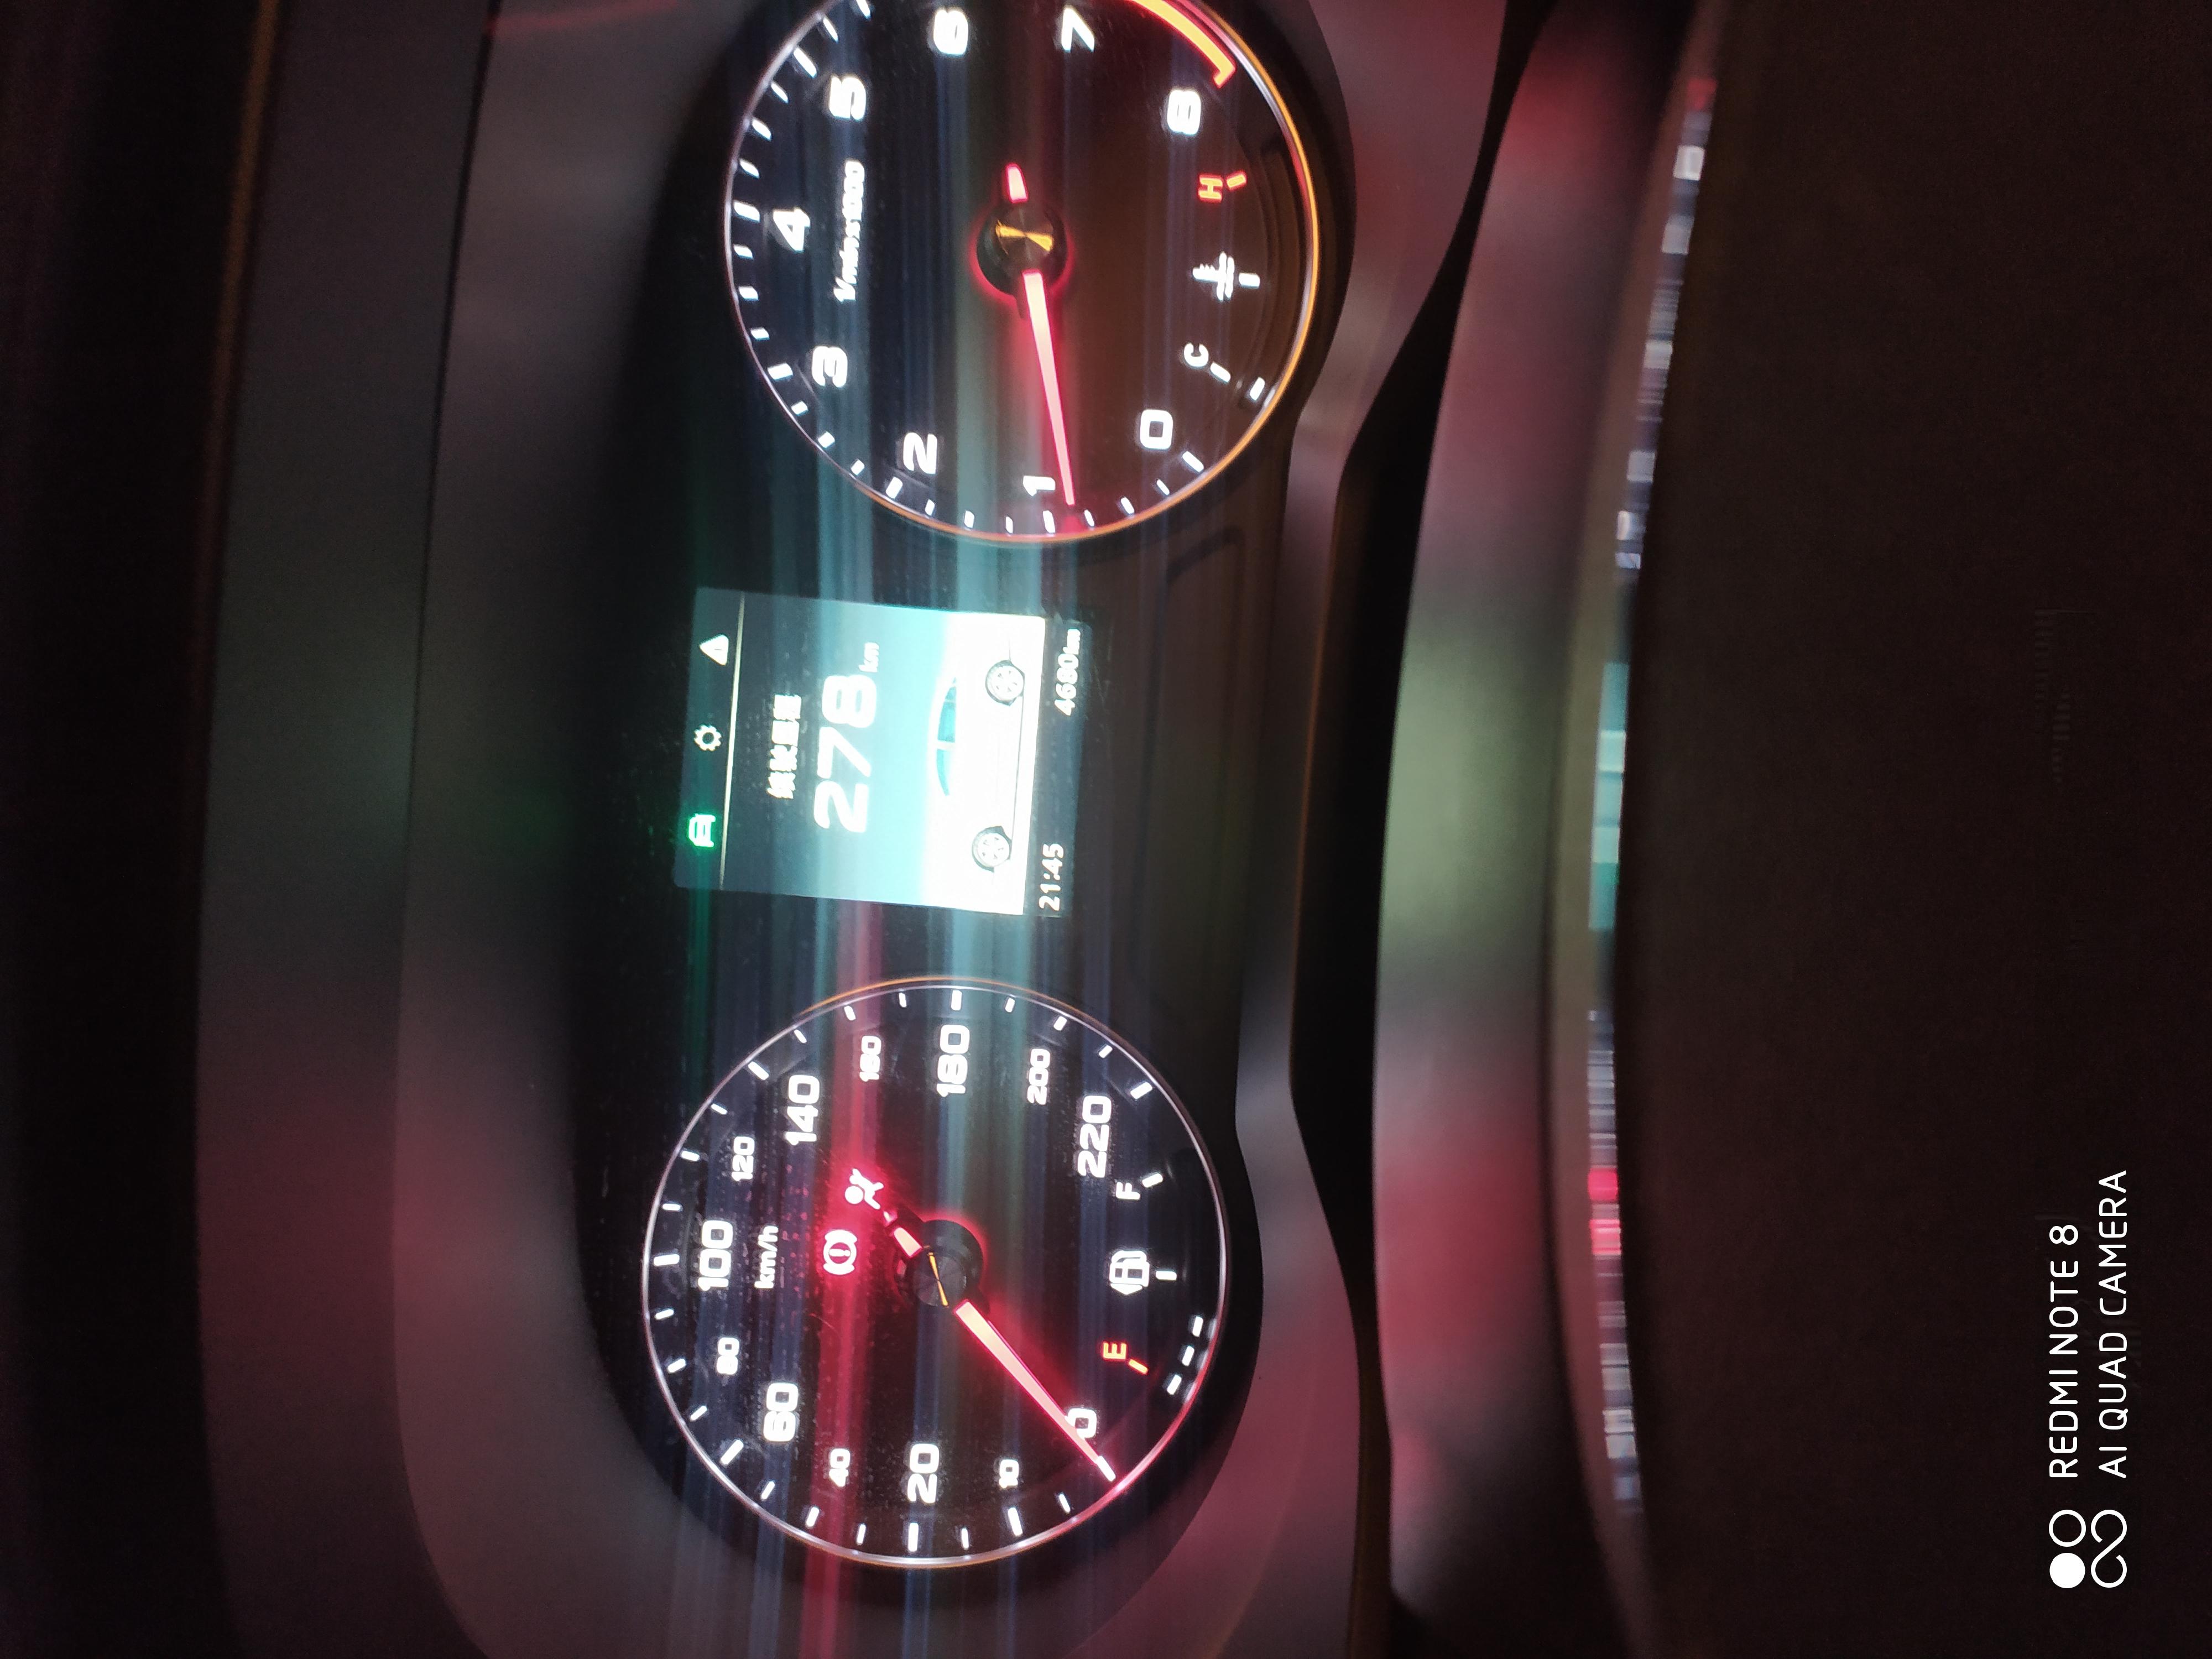 荣威-Ei5安全气囊问题